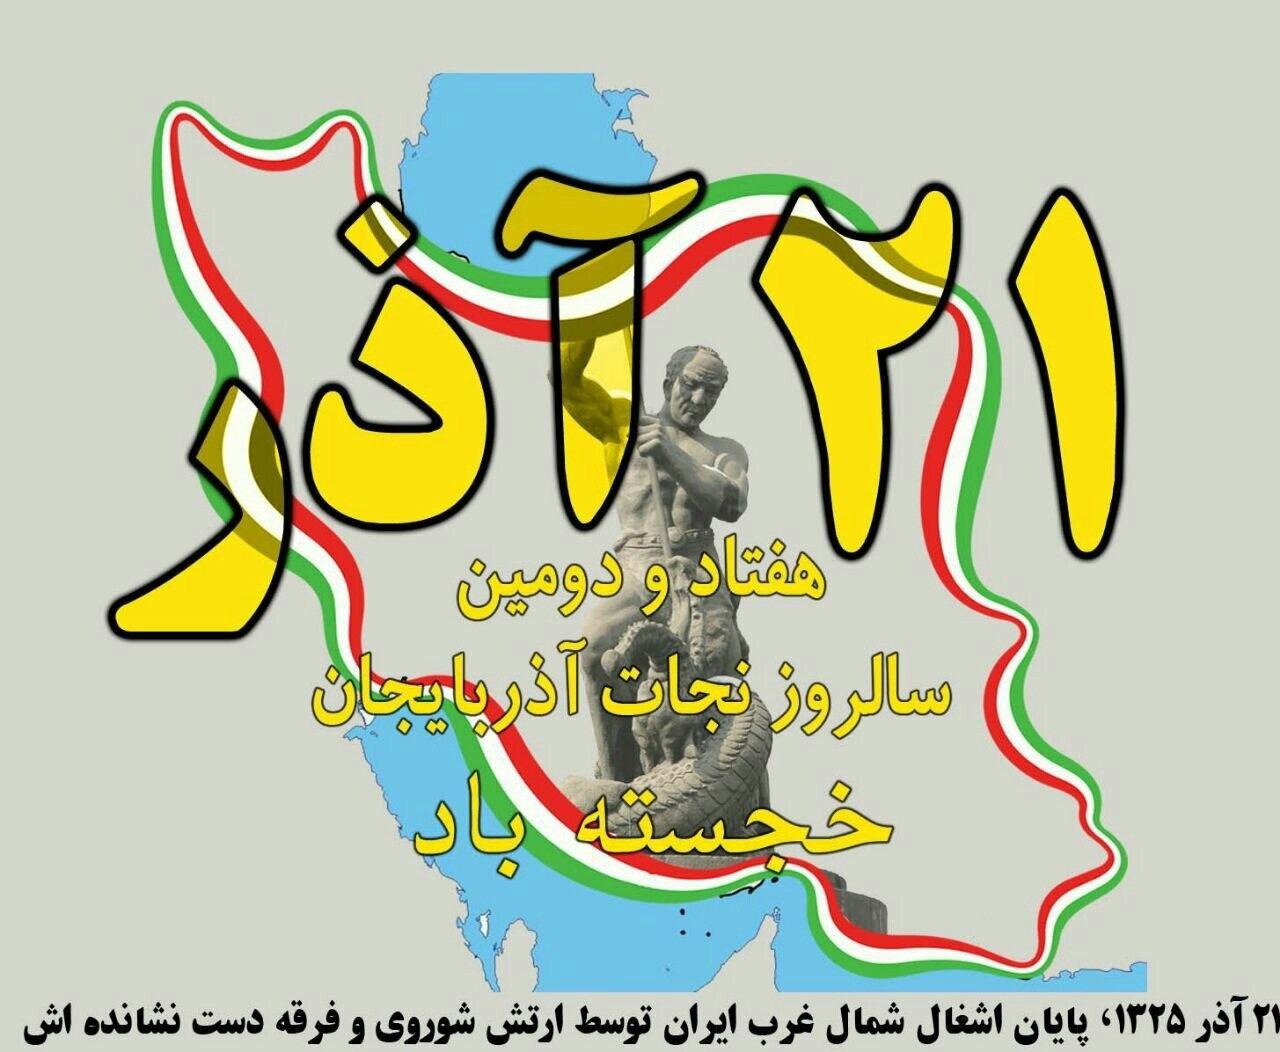 21 آذر، سالروز نجات آذربایجان